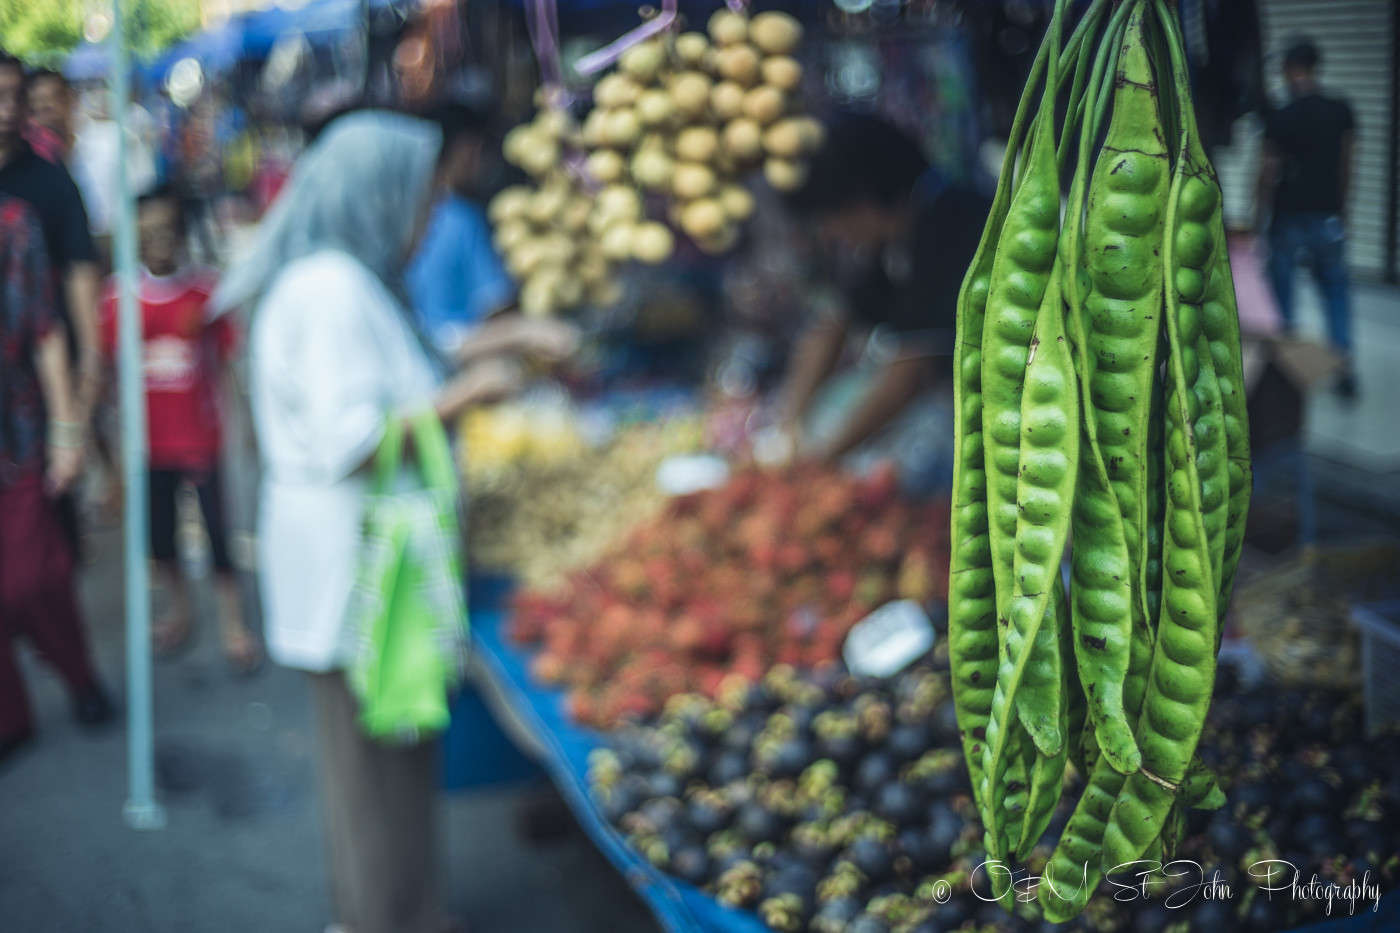 Fruits and veggies for sale at Gaya Street Sunday Market, Kota Kinabalu. Sabah. Malaysia